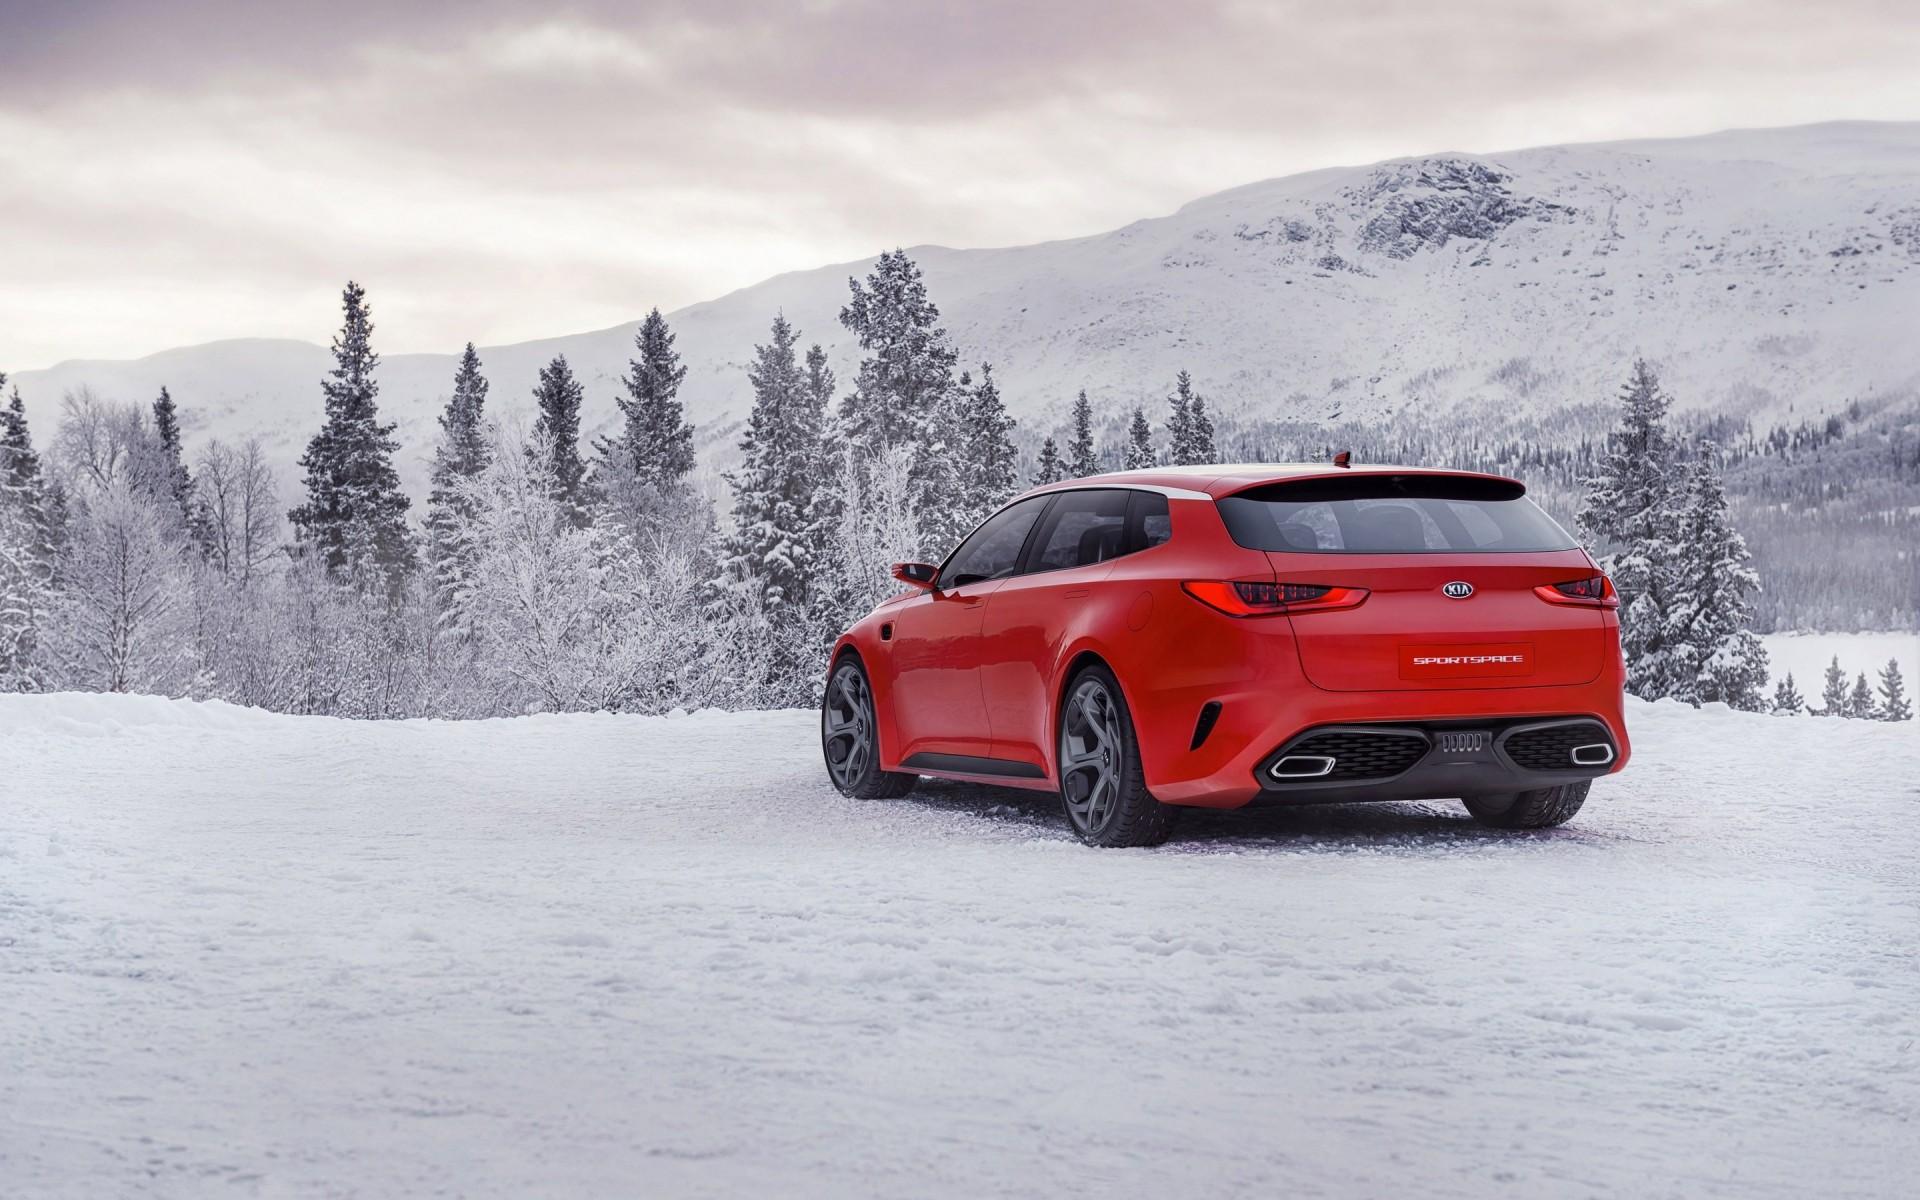 Красивые картинки с автомобилями зимой, открытки днем